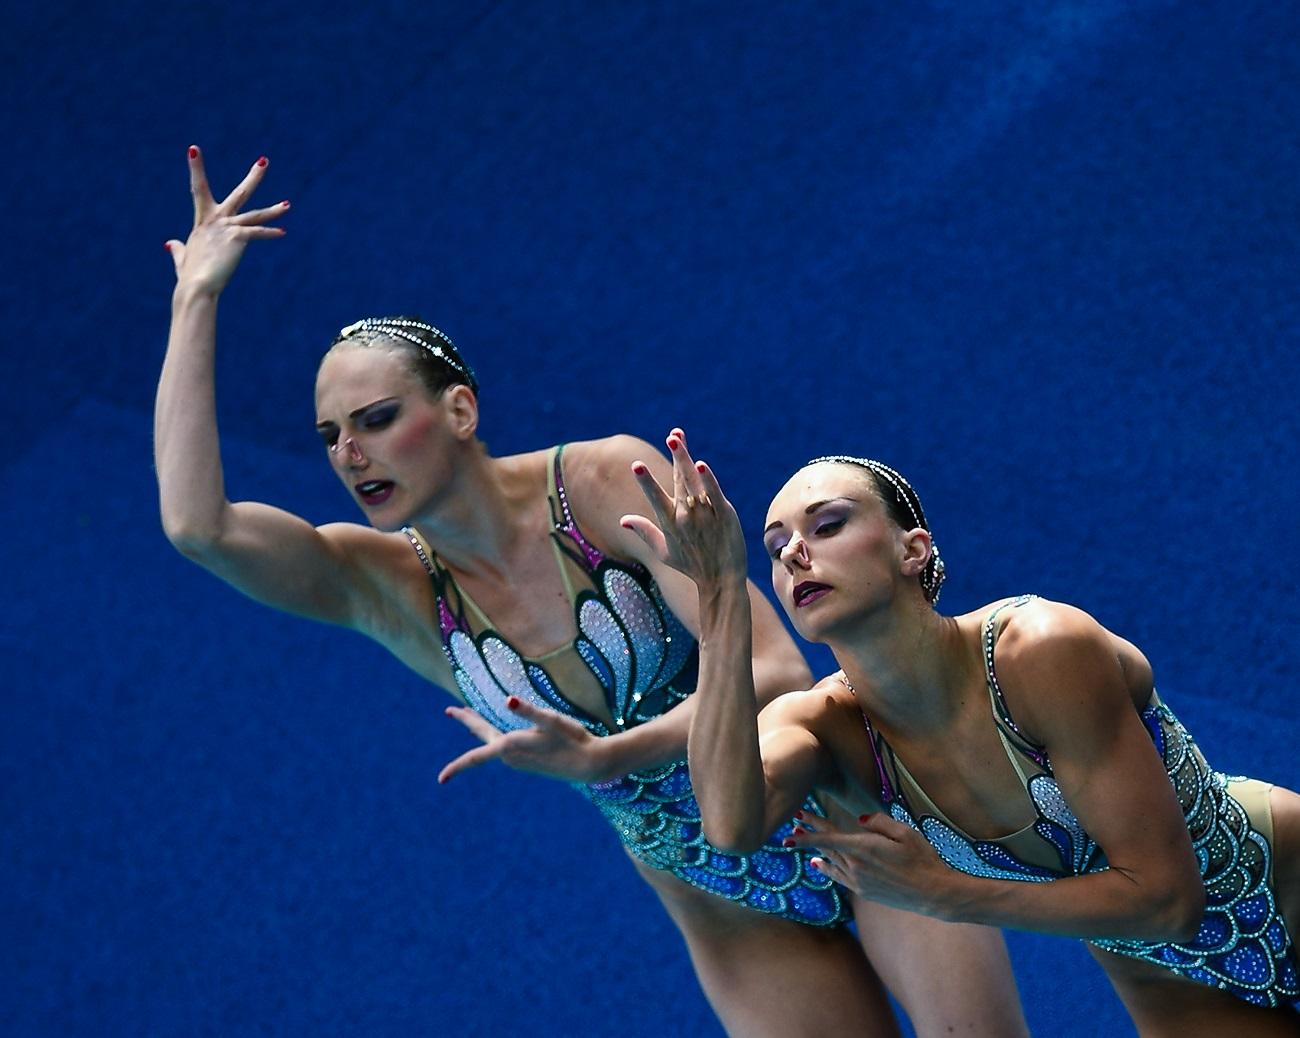 ロシアは五輪のシンクロナイズドスイミングで5大会連続で金メダルを獲得している。/ スヴェトラーナ・ロマーシナ(左)とナターリア・イシチェンコ(右)、リオ五輪の出場